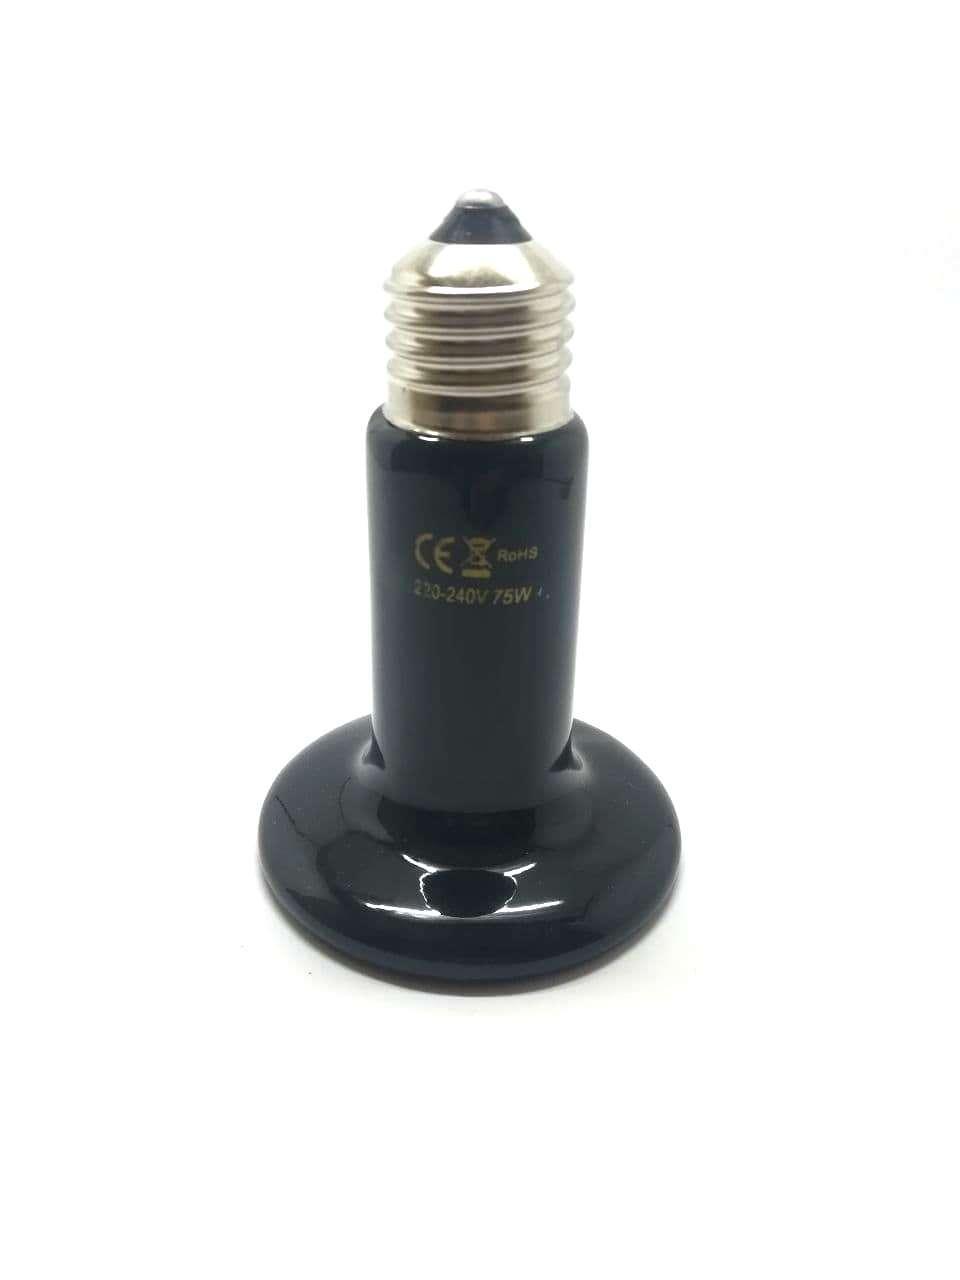 Инфракрасная керамическая лампа (излучатель) в инкубатор для обогрева 75W / 220-240V